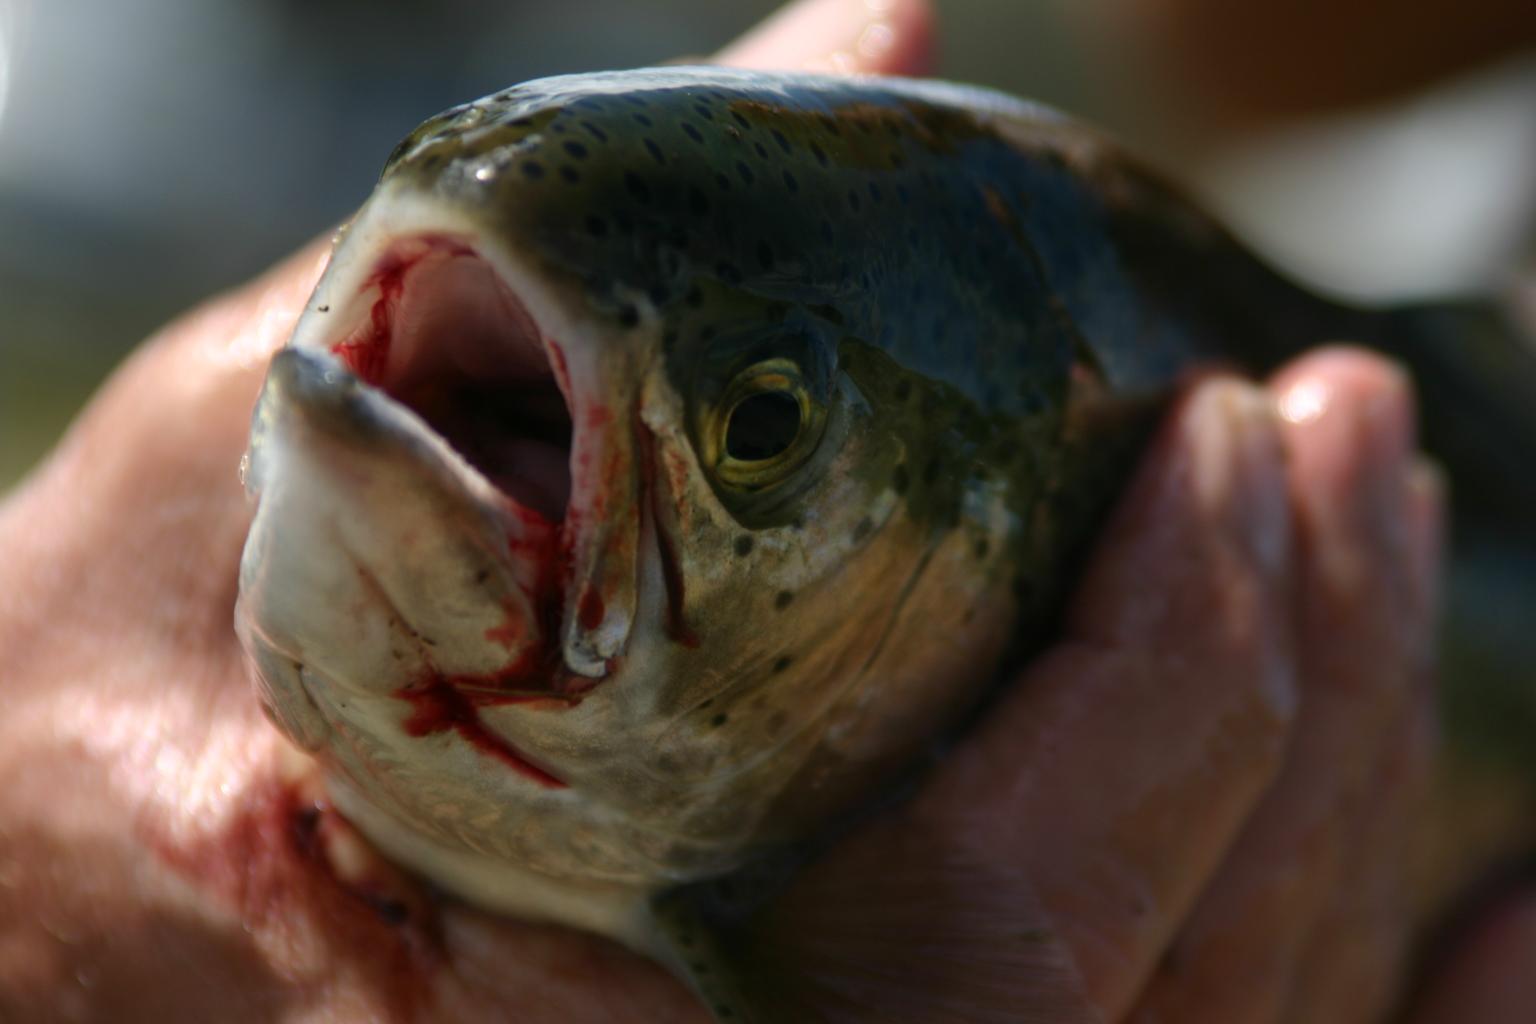 Producci n de trucha y tilapia afectar a a peces nativos for Criaderos de truchas y tilapias